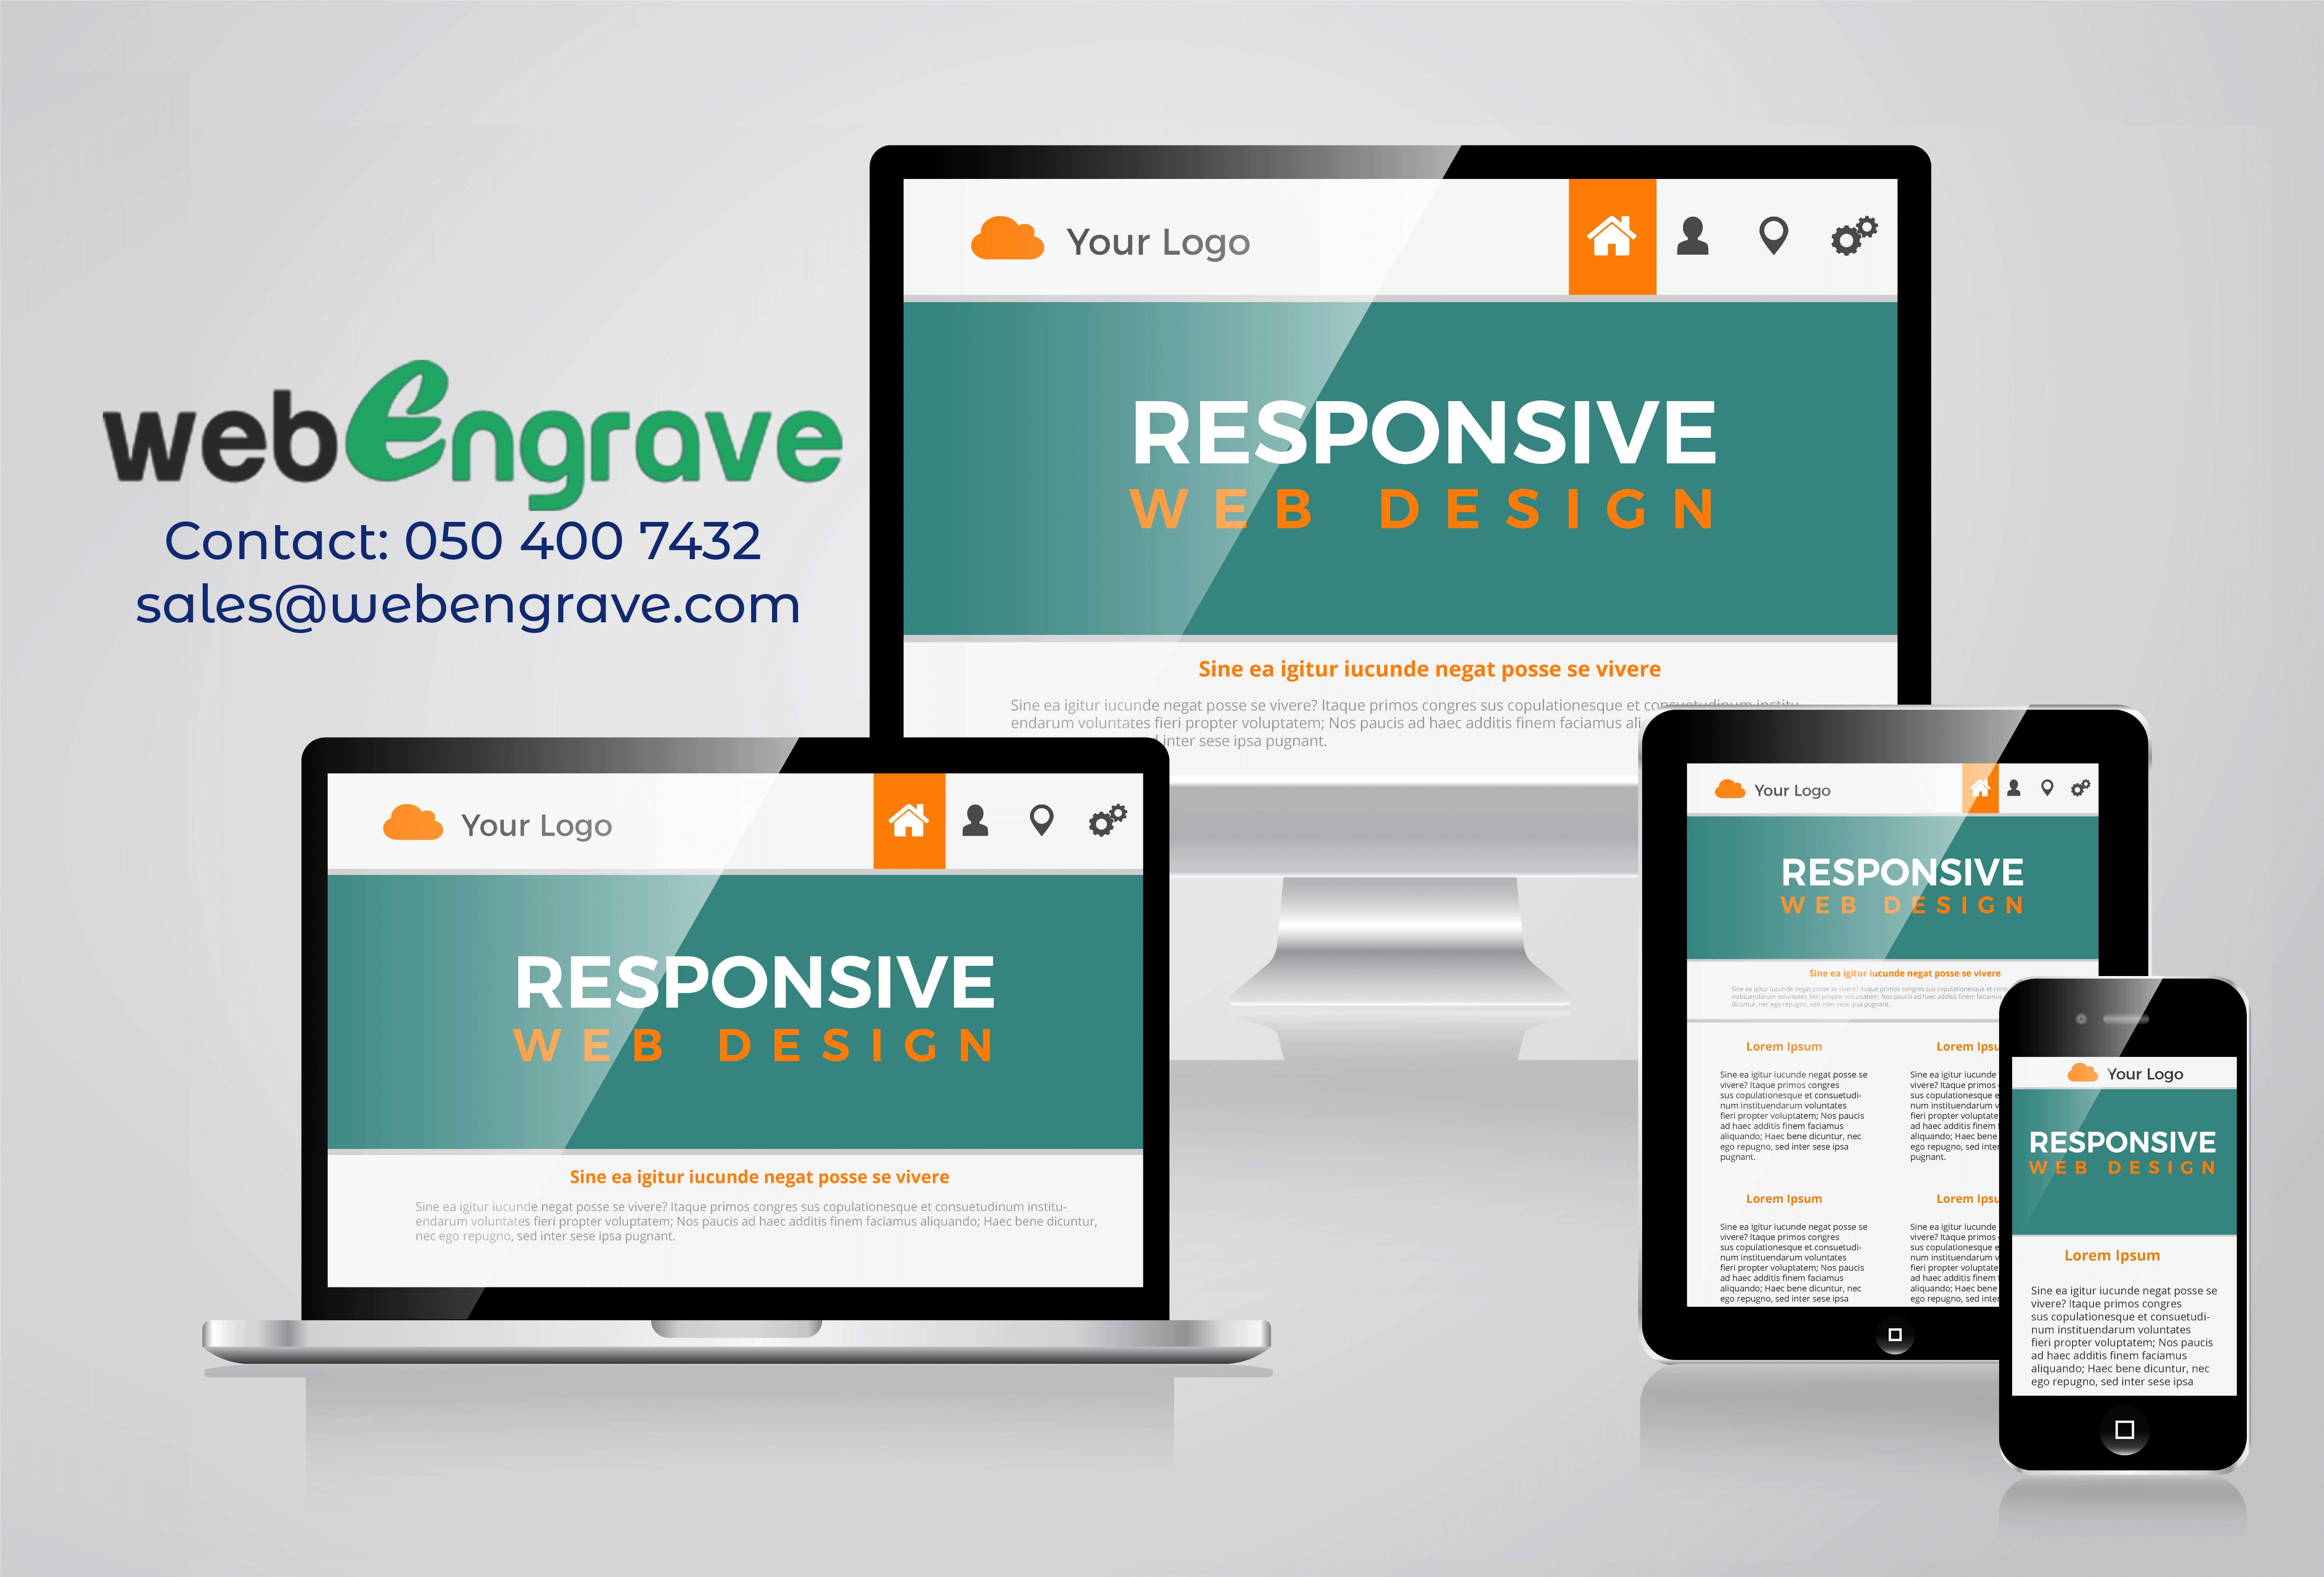 Wed Design Dubai Online Web Design Web Design Web Design Websites